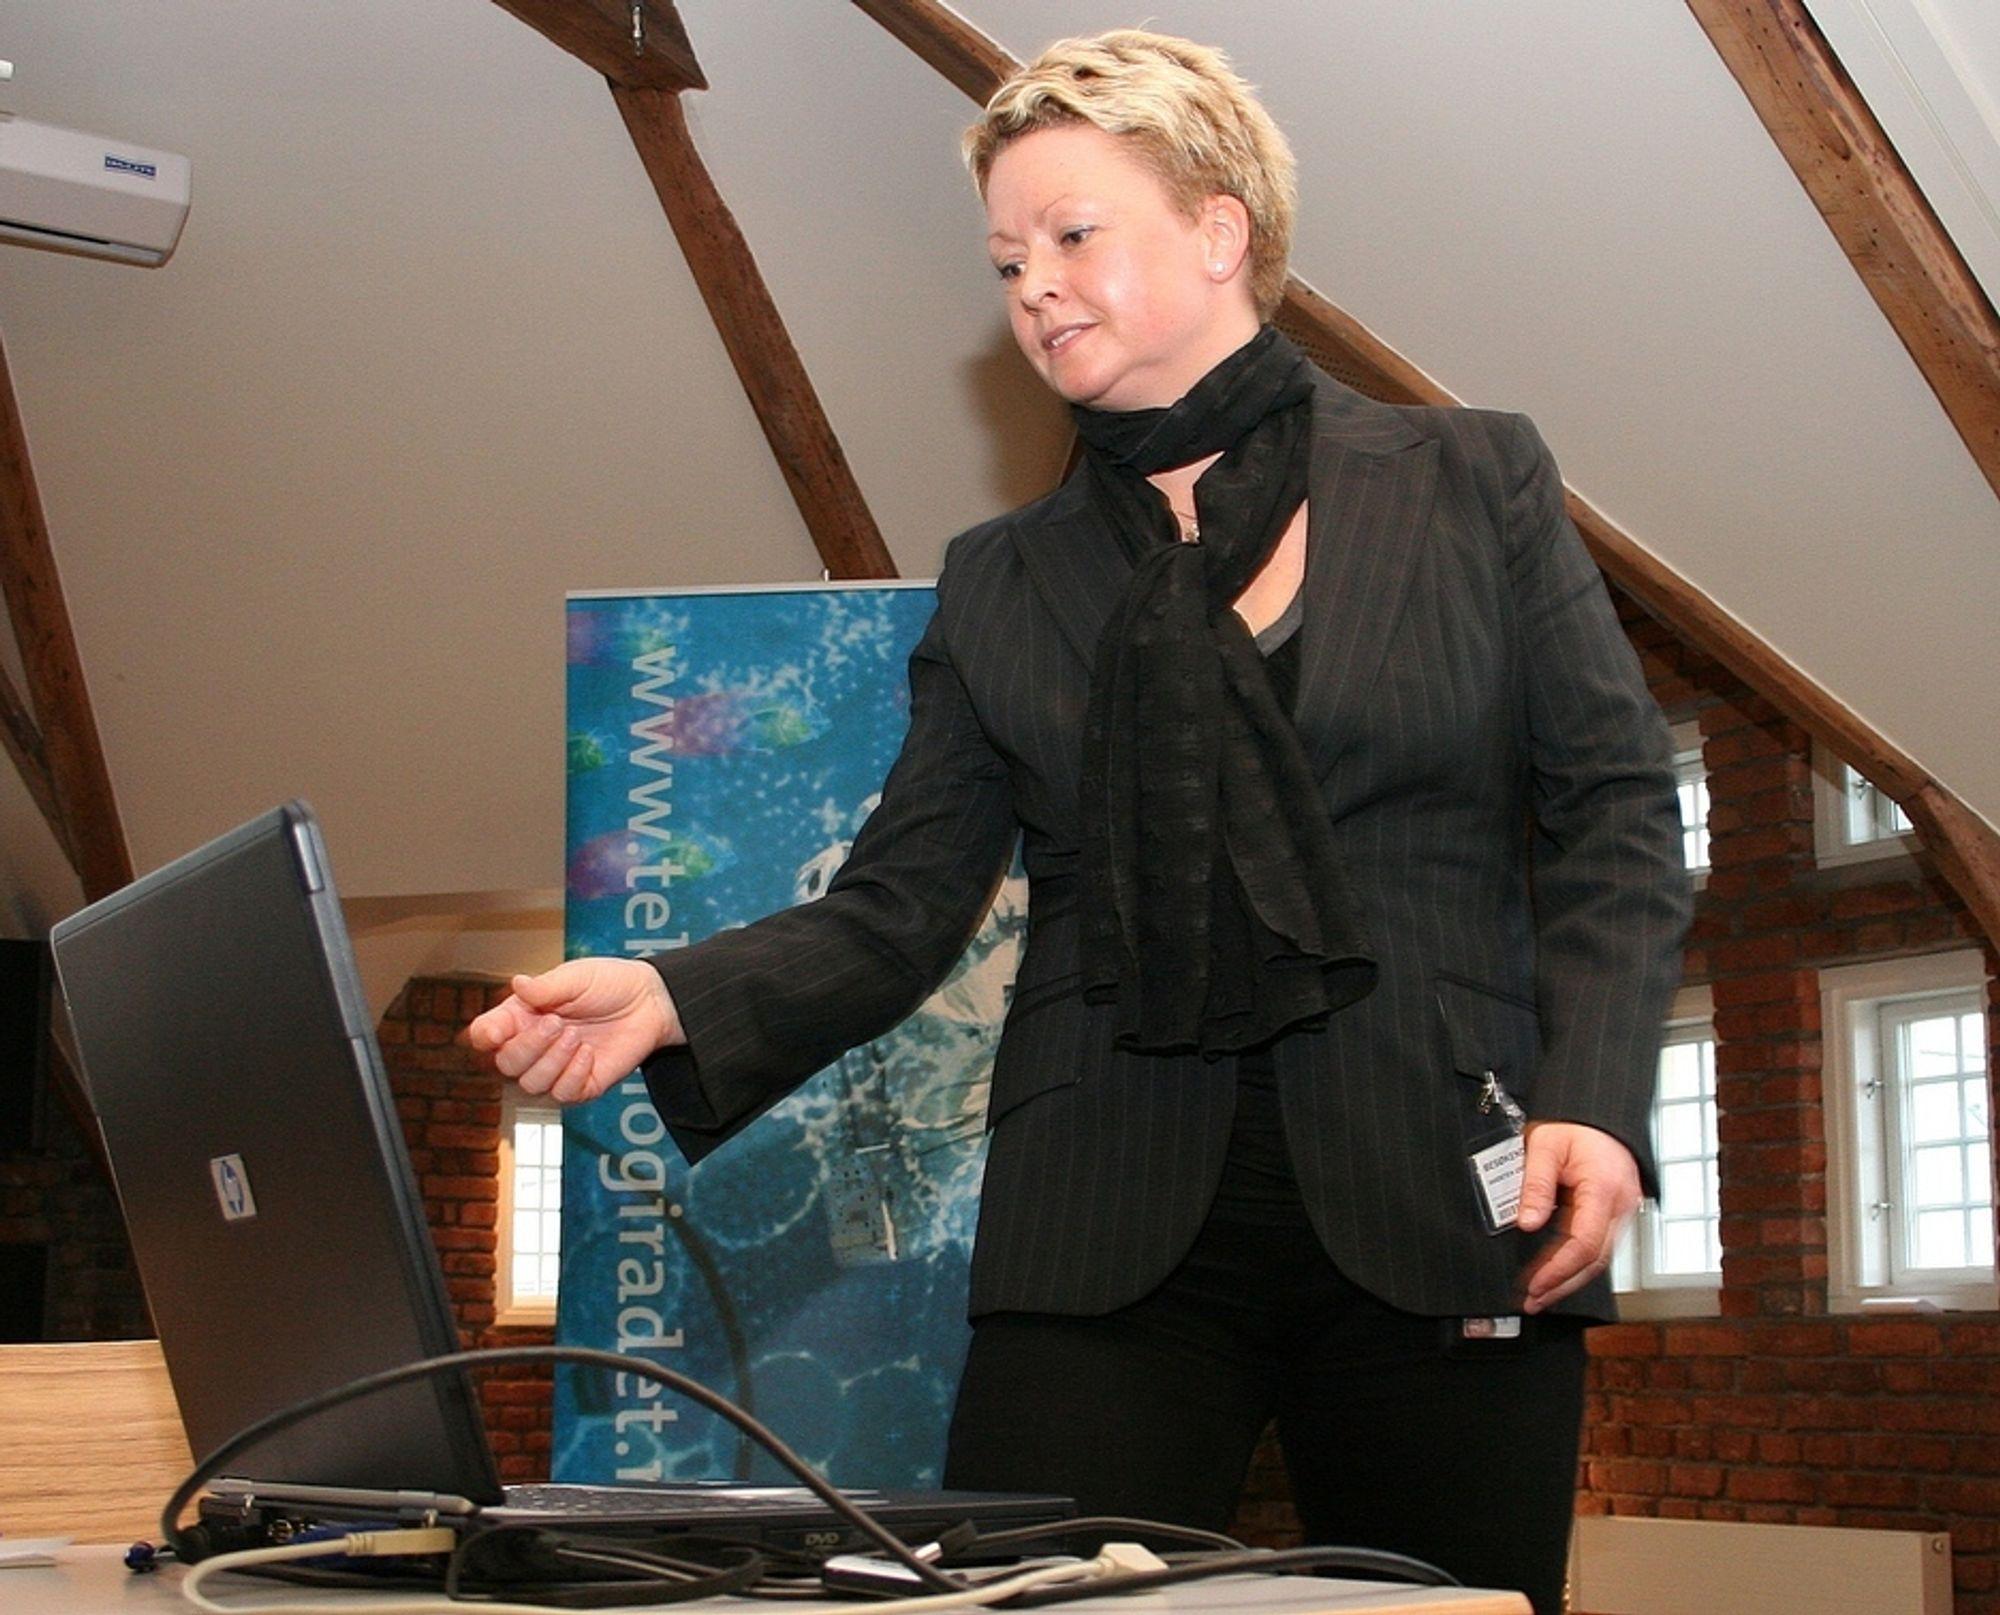 Gigantisk. Lovrådgiver Gry Steen Hvidsten i Justisdepartementet vurderer et gigantisk statlig lager for trafikkdata.